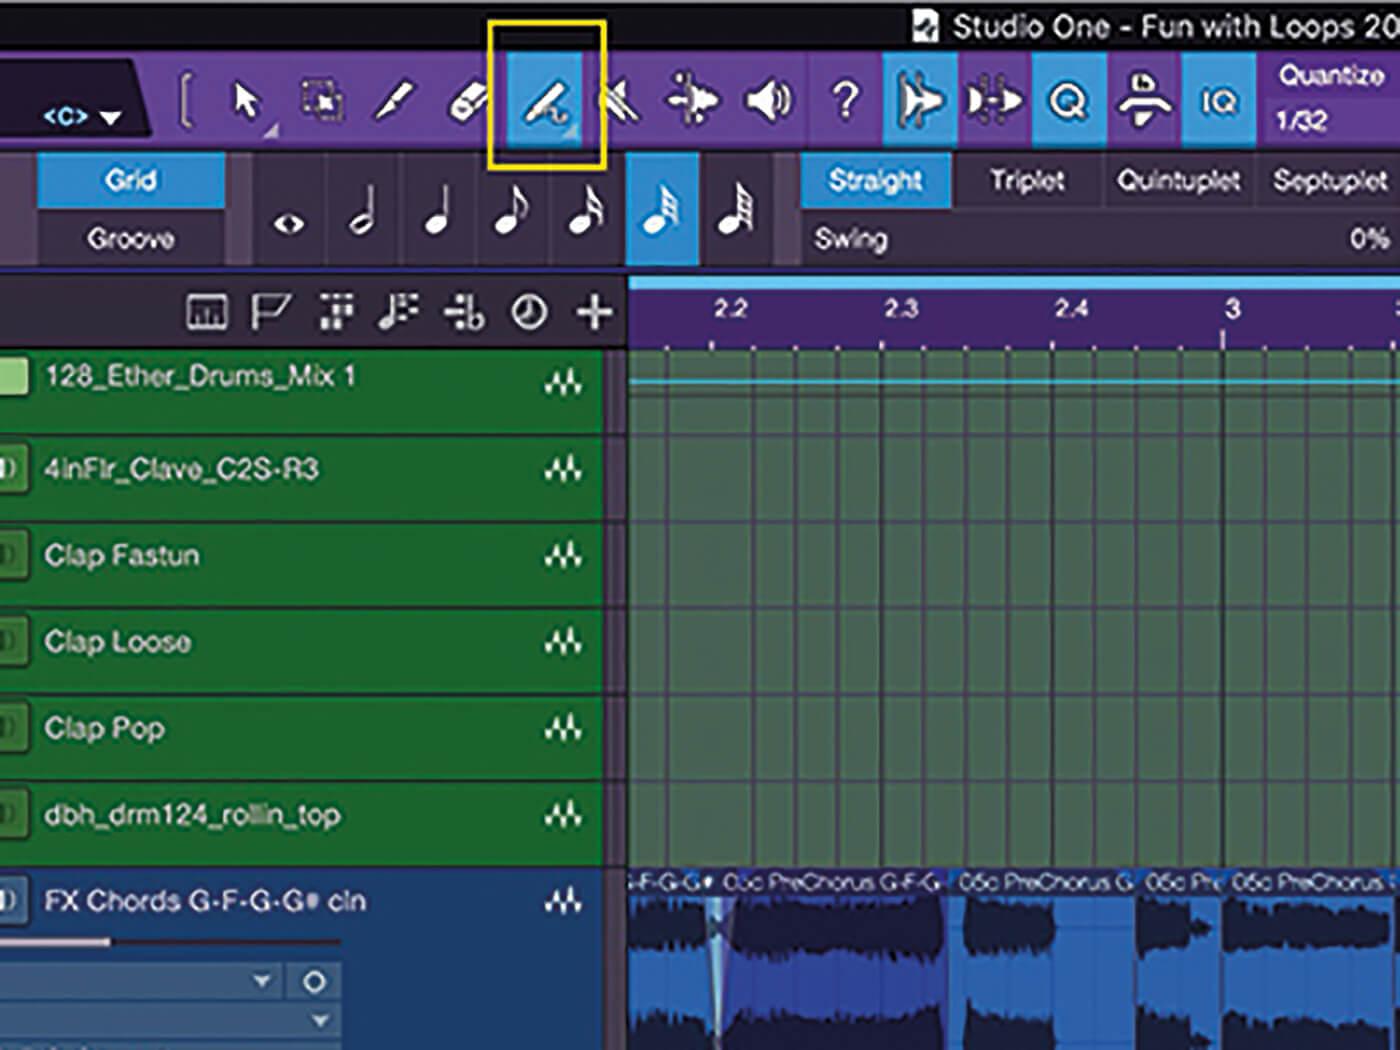 MT213 Studio One TUT 17